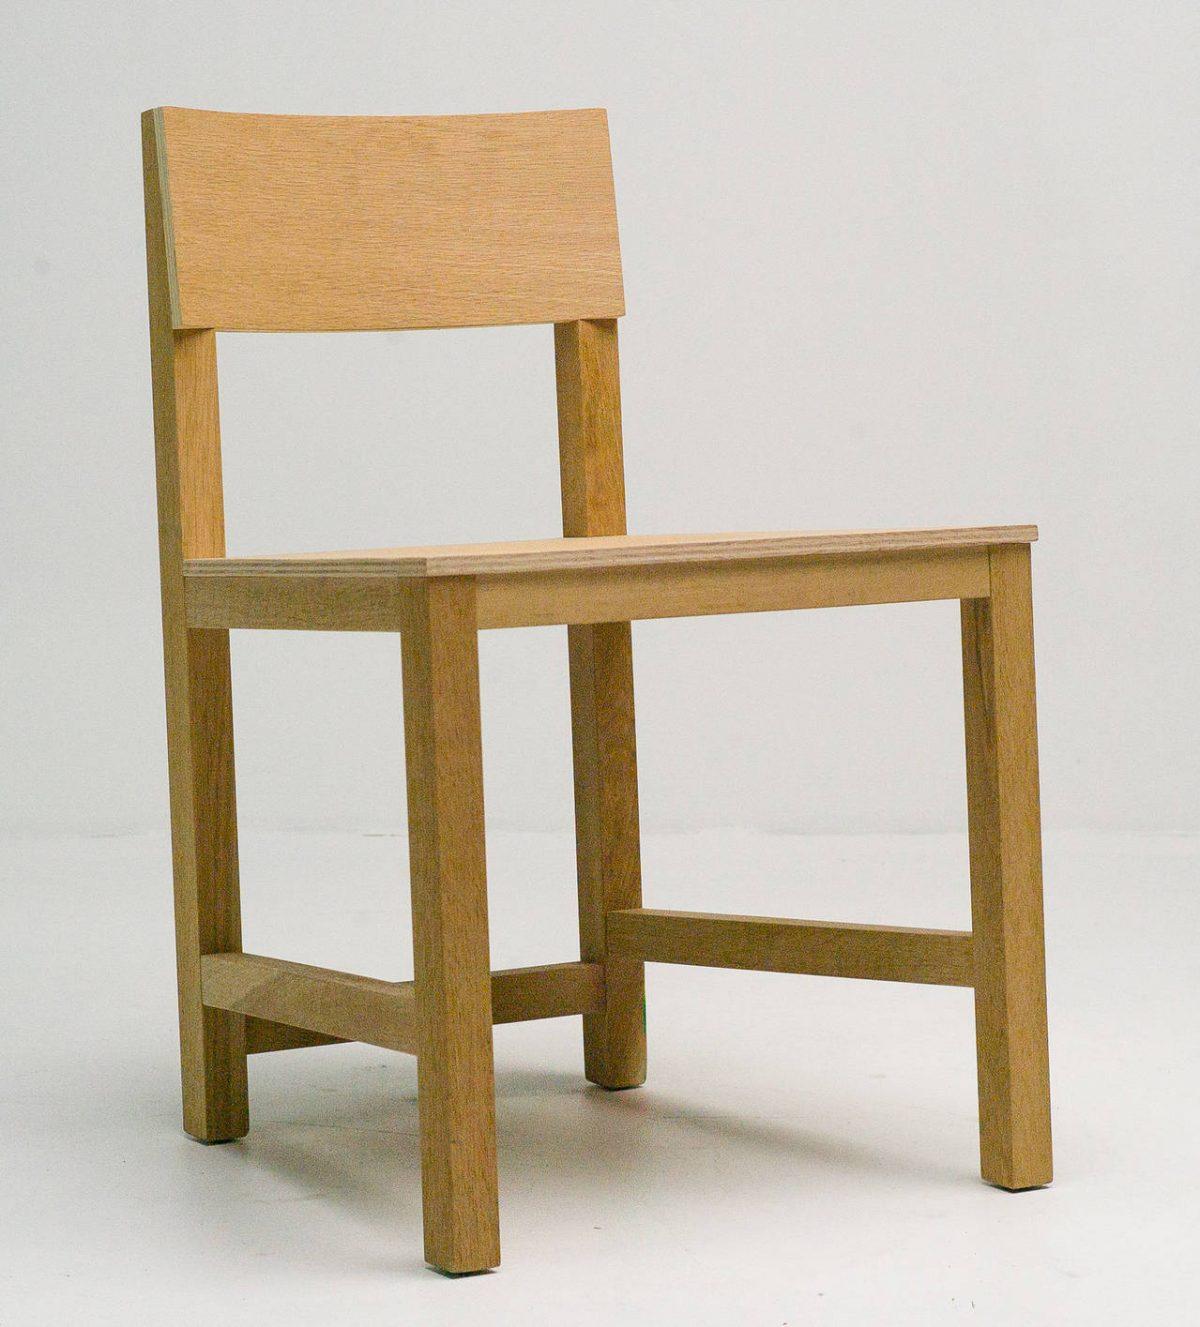 AVL Shaker Chair oak/eiken Lensvelt – Gimmii